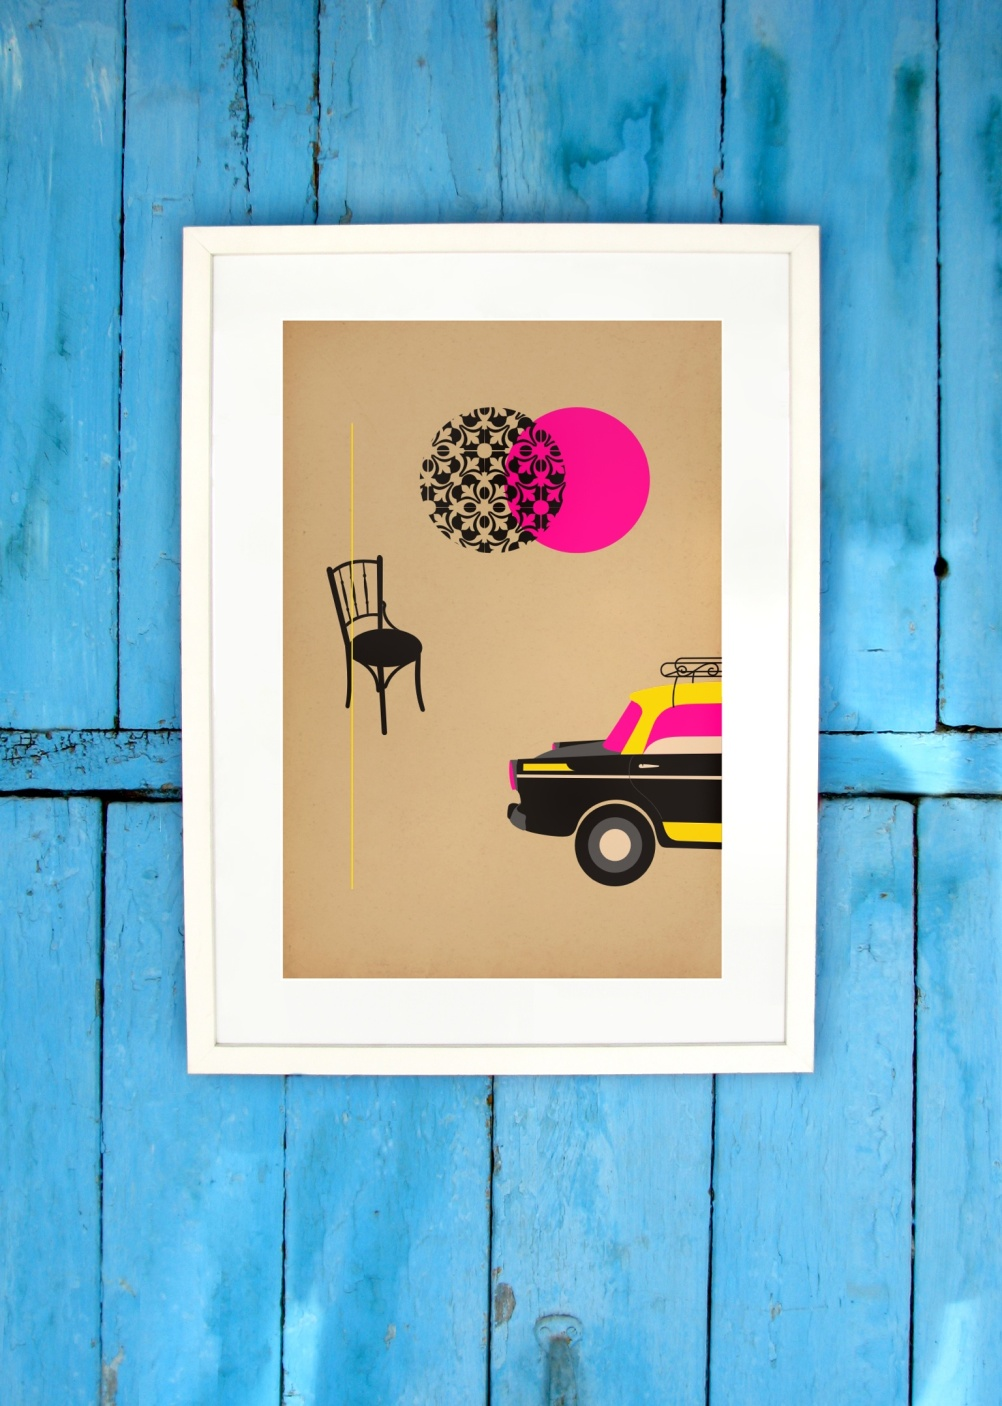 South Mumbai Print by LOCOPOPO design Studio.